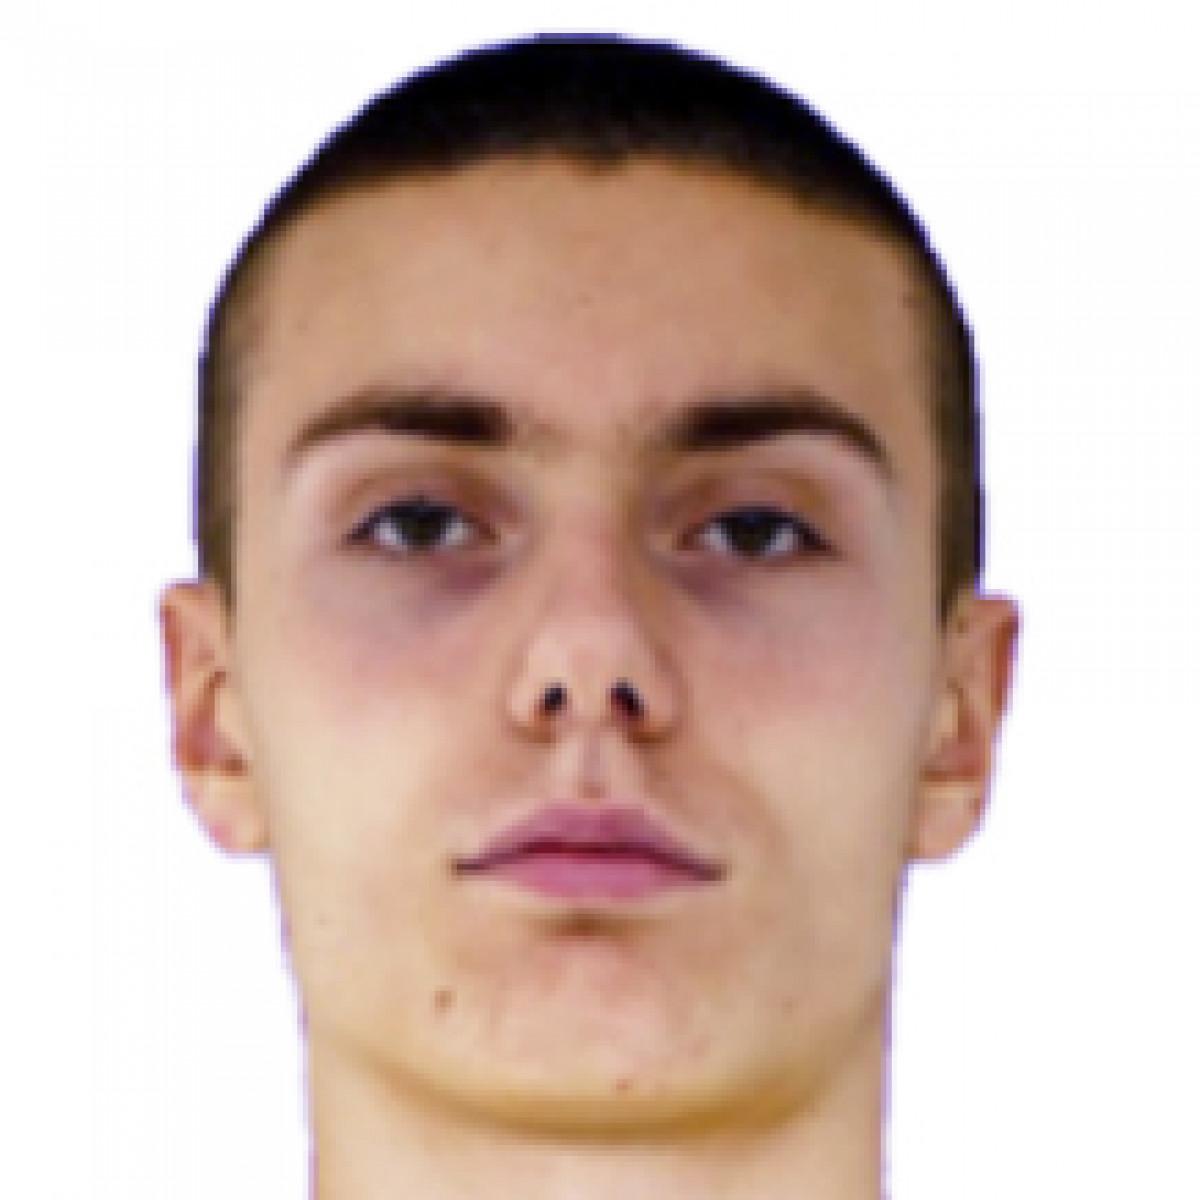 Vuk Dmitrovic